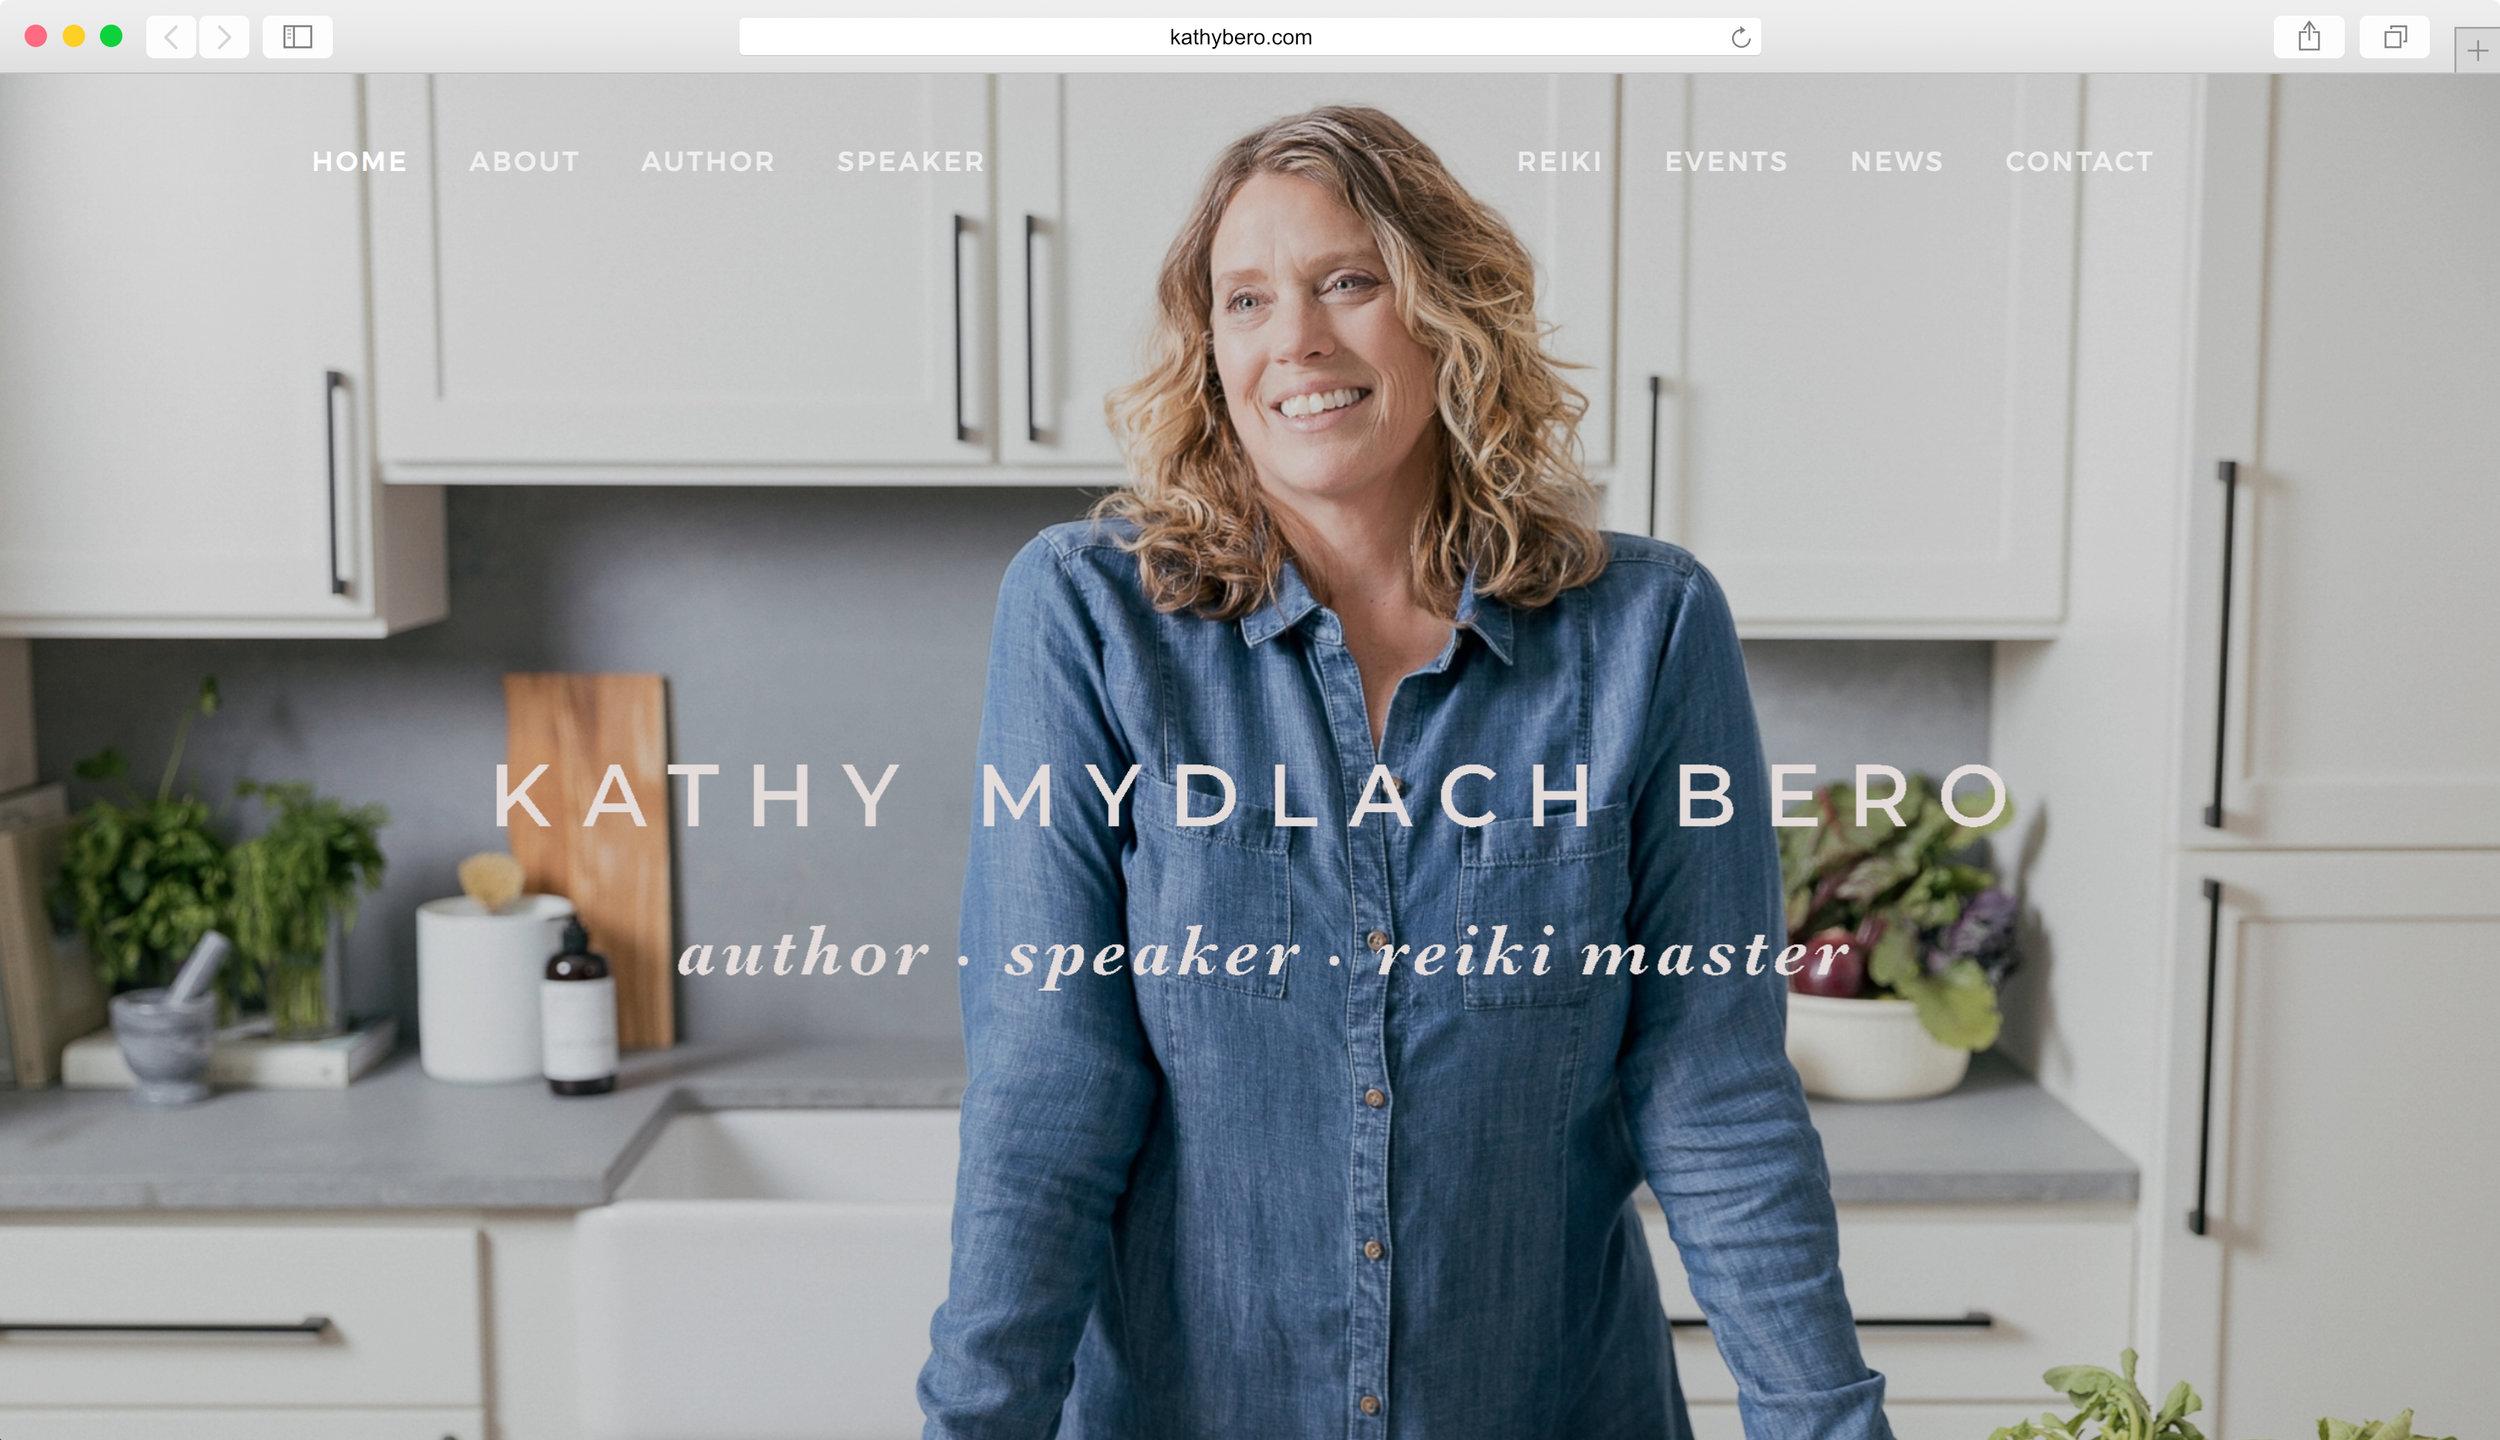 Kathy Mydlach Bero